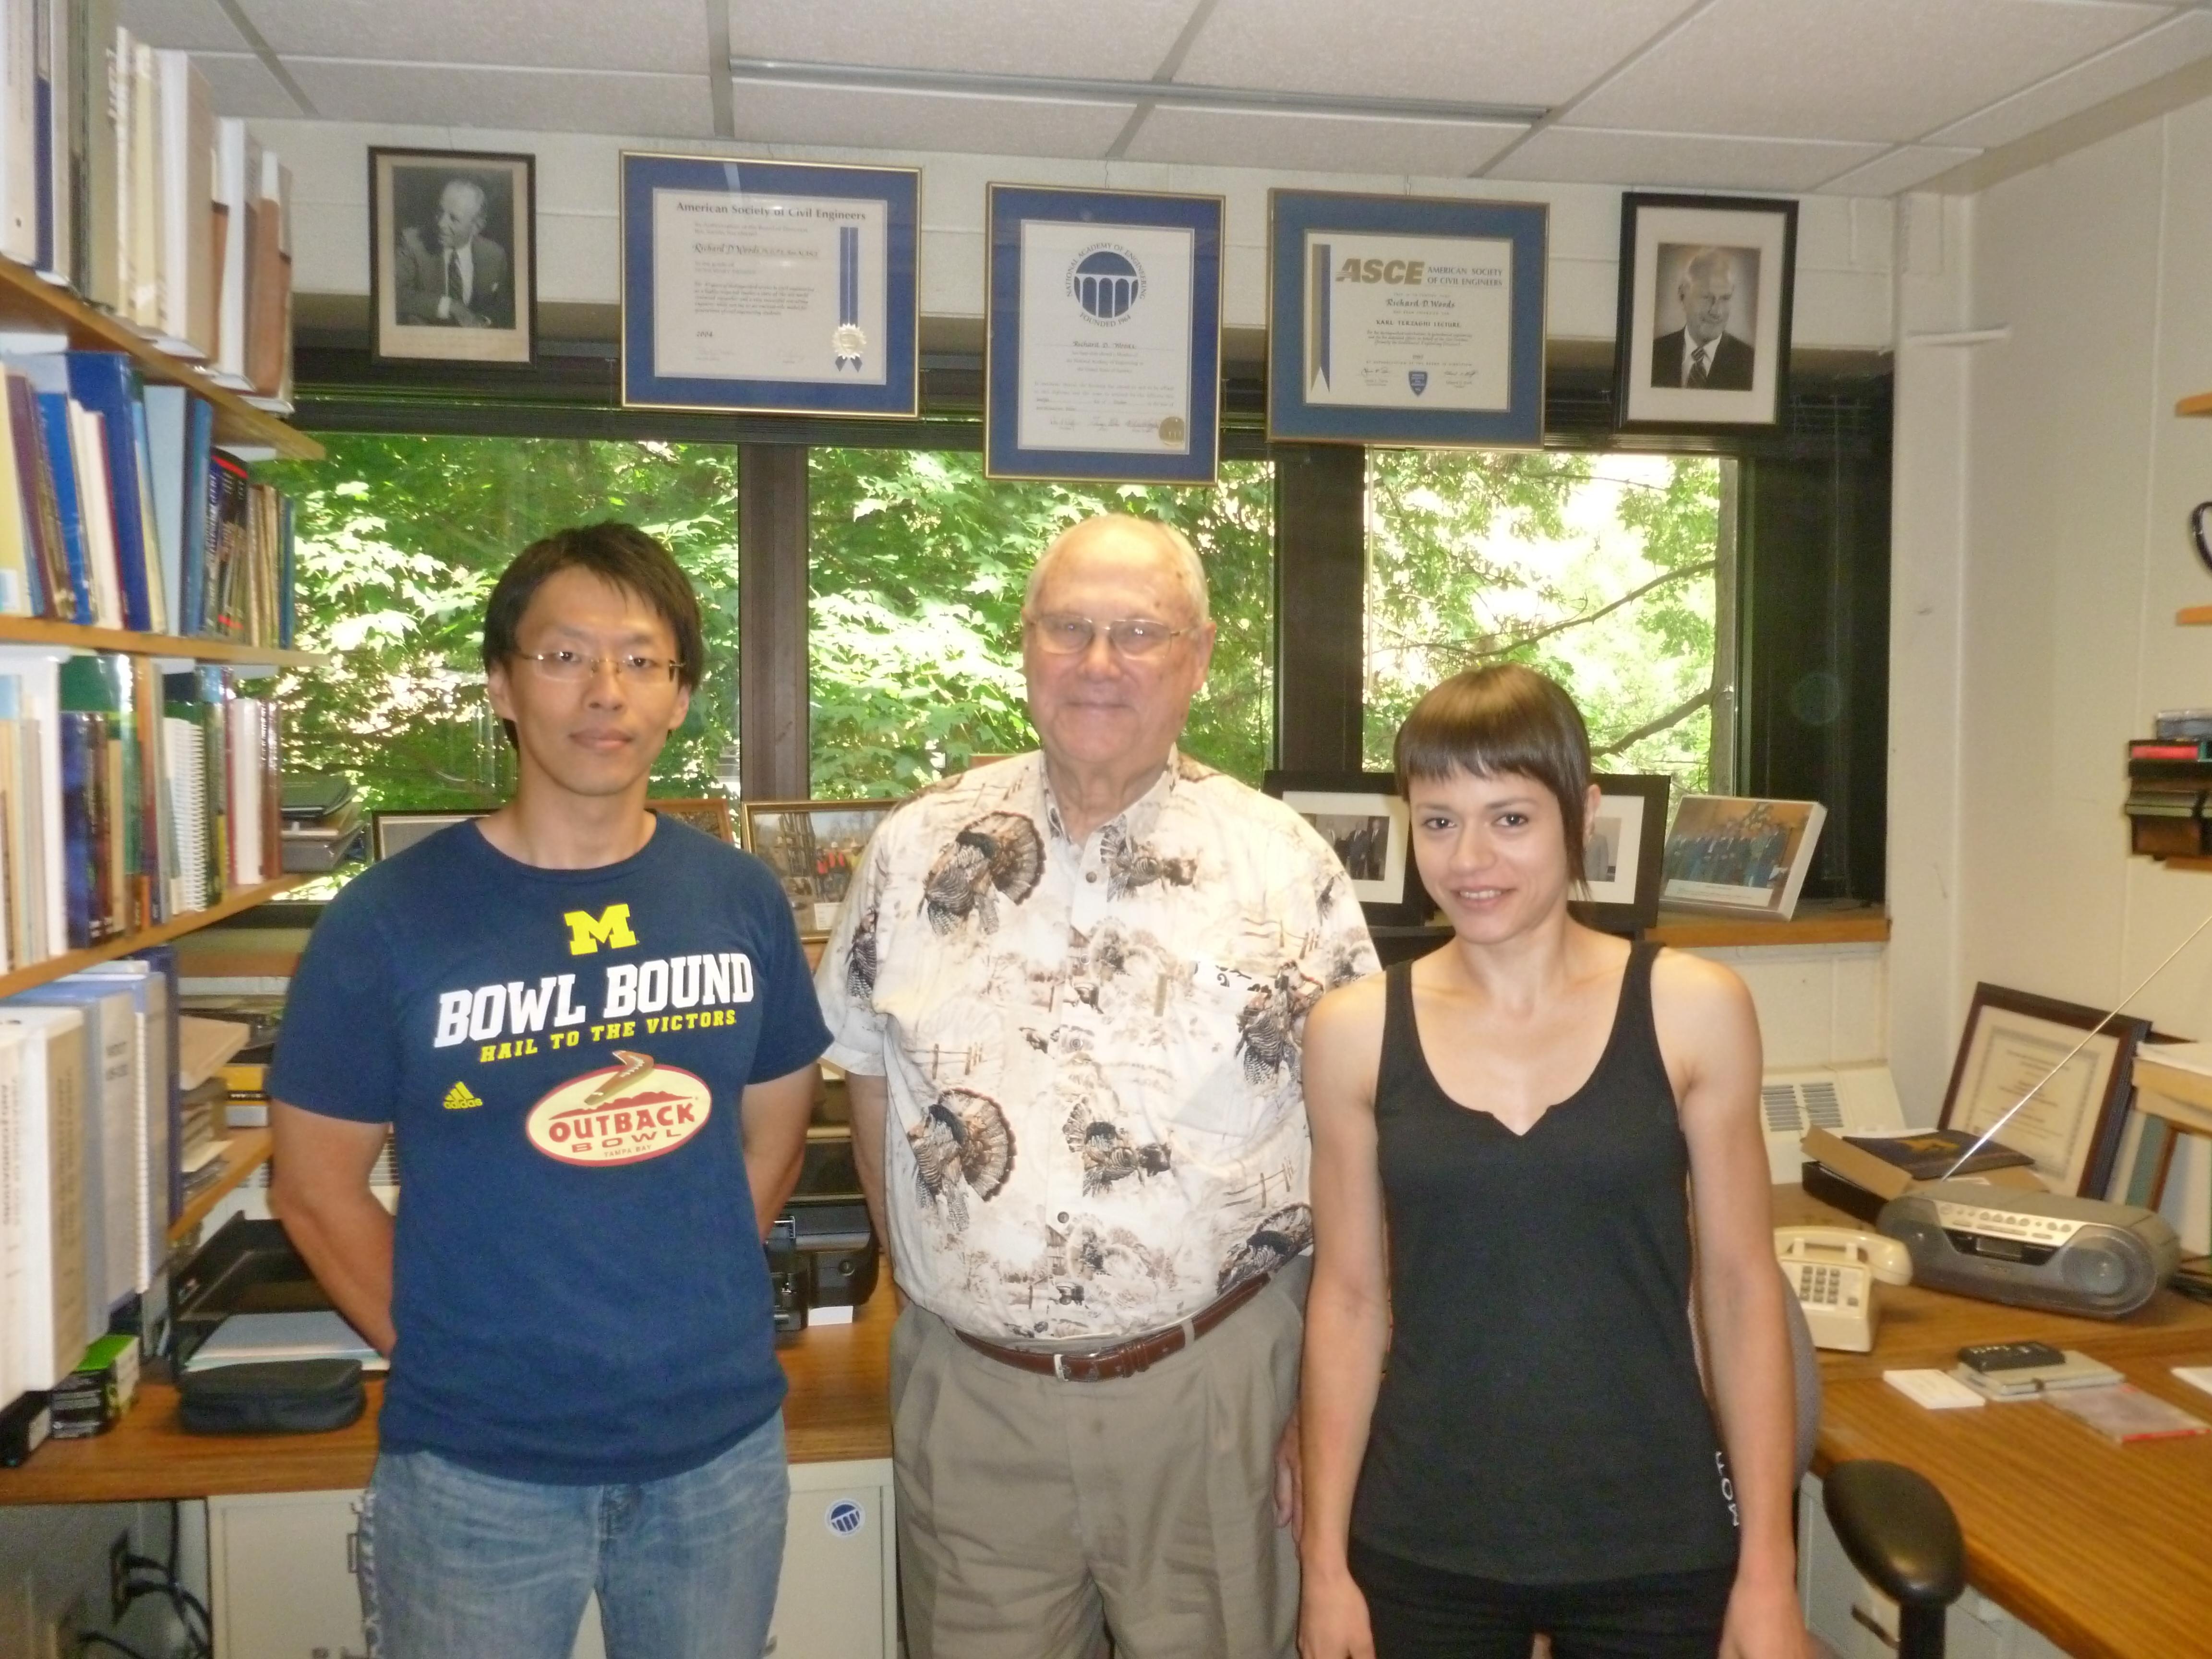 Xunchang Fei, Richard Woods and Athena Gkrizi